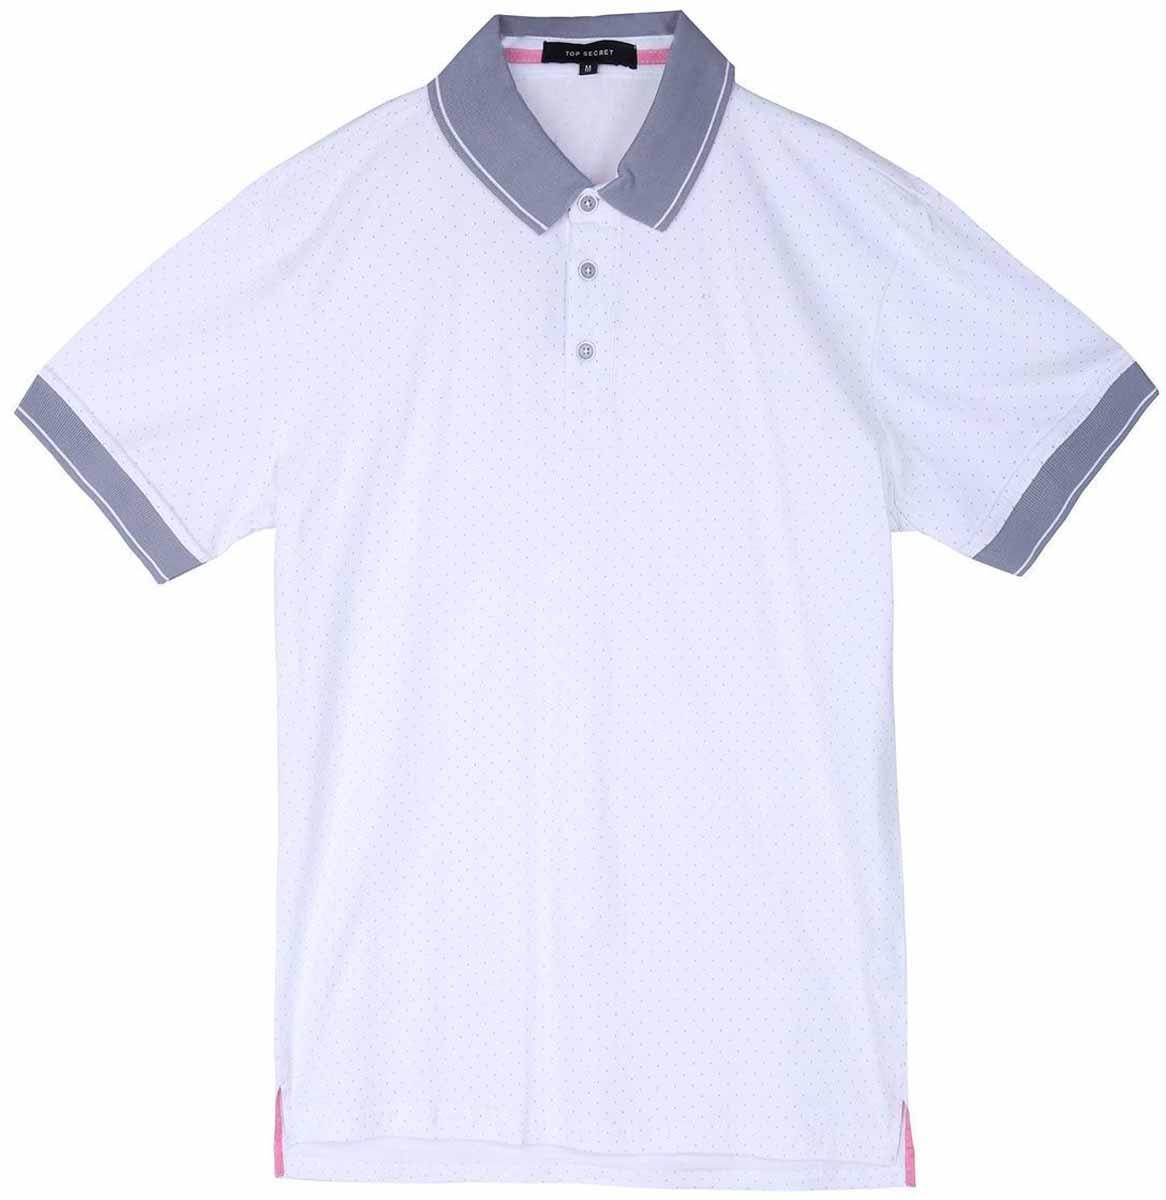 ПолоSKP0392BIМужская футболка-поло Top Secret поможет создать отличный современный образ в стиле Casual. Модель изготовлена из хлопка. Футболка-поло с отложным воротником и короткими рукавами застегивается сверху на три пуговицы. Такая футболка станет стильным дополнением к вашему гардеробу, она подарит вам комфорт в течение всего дня!